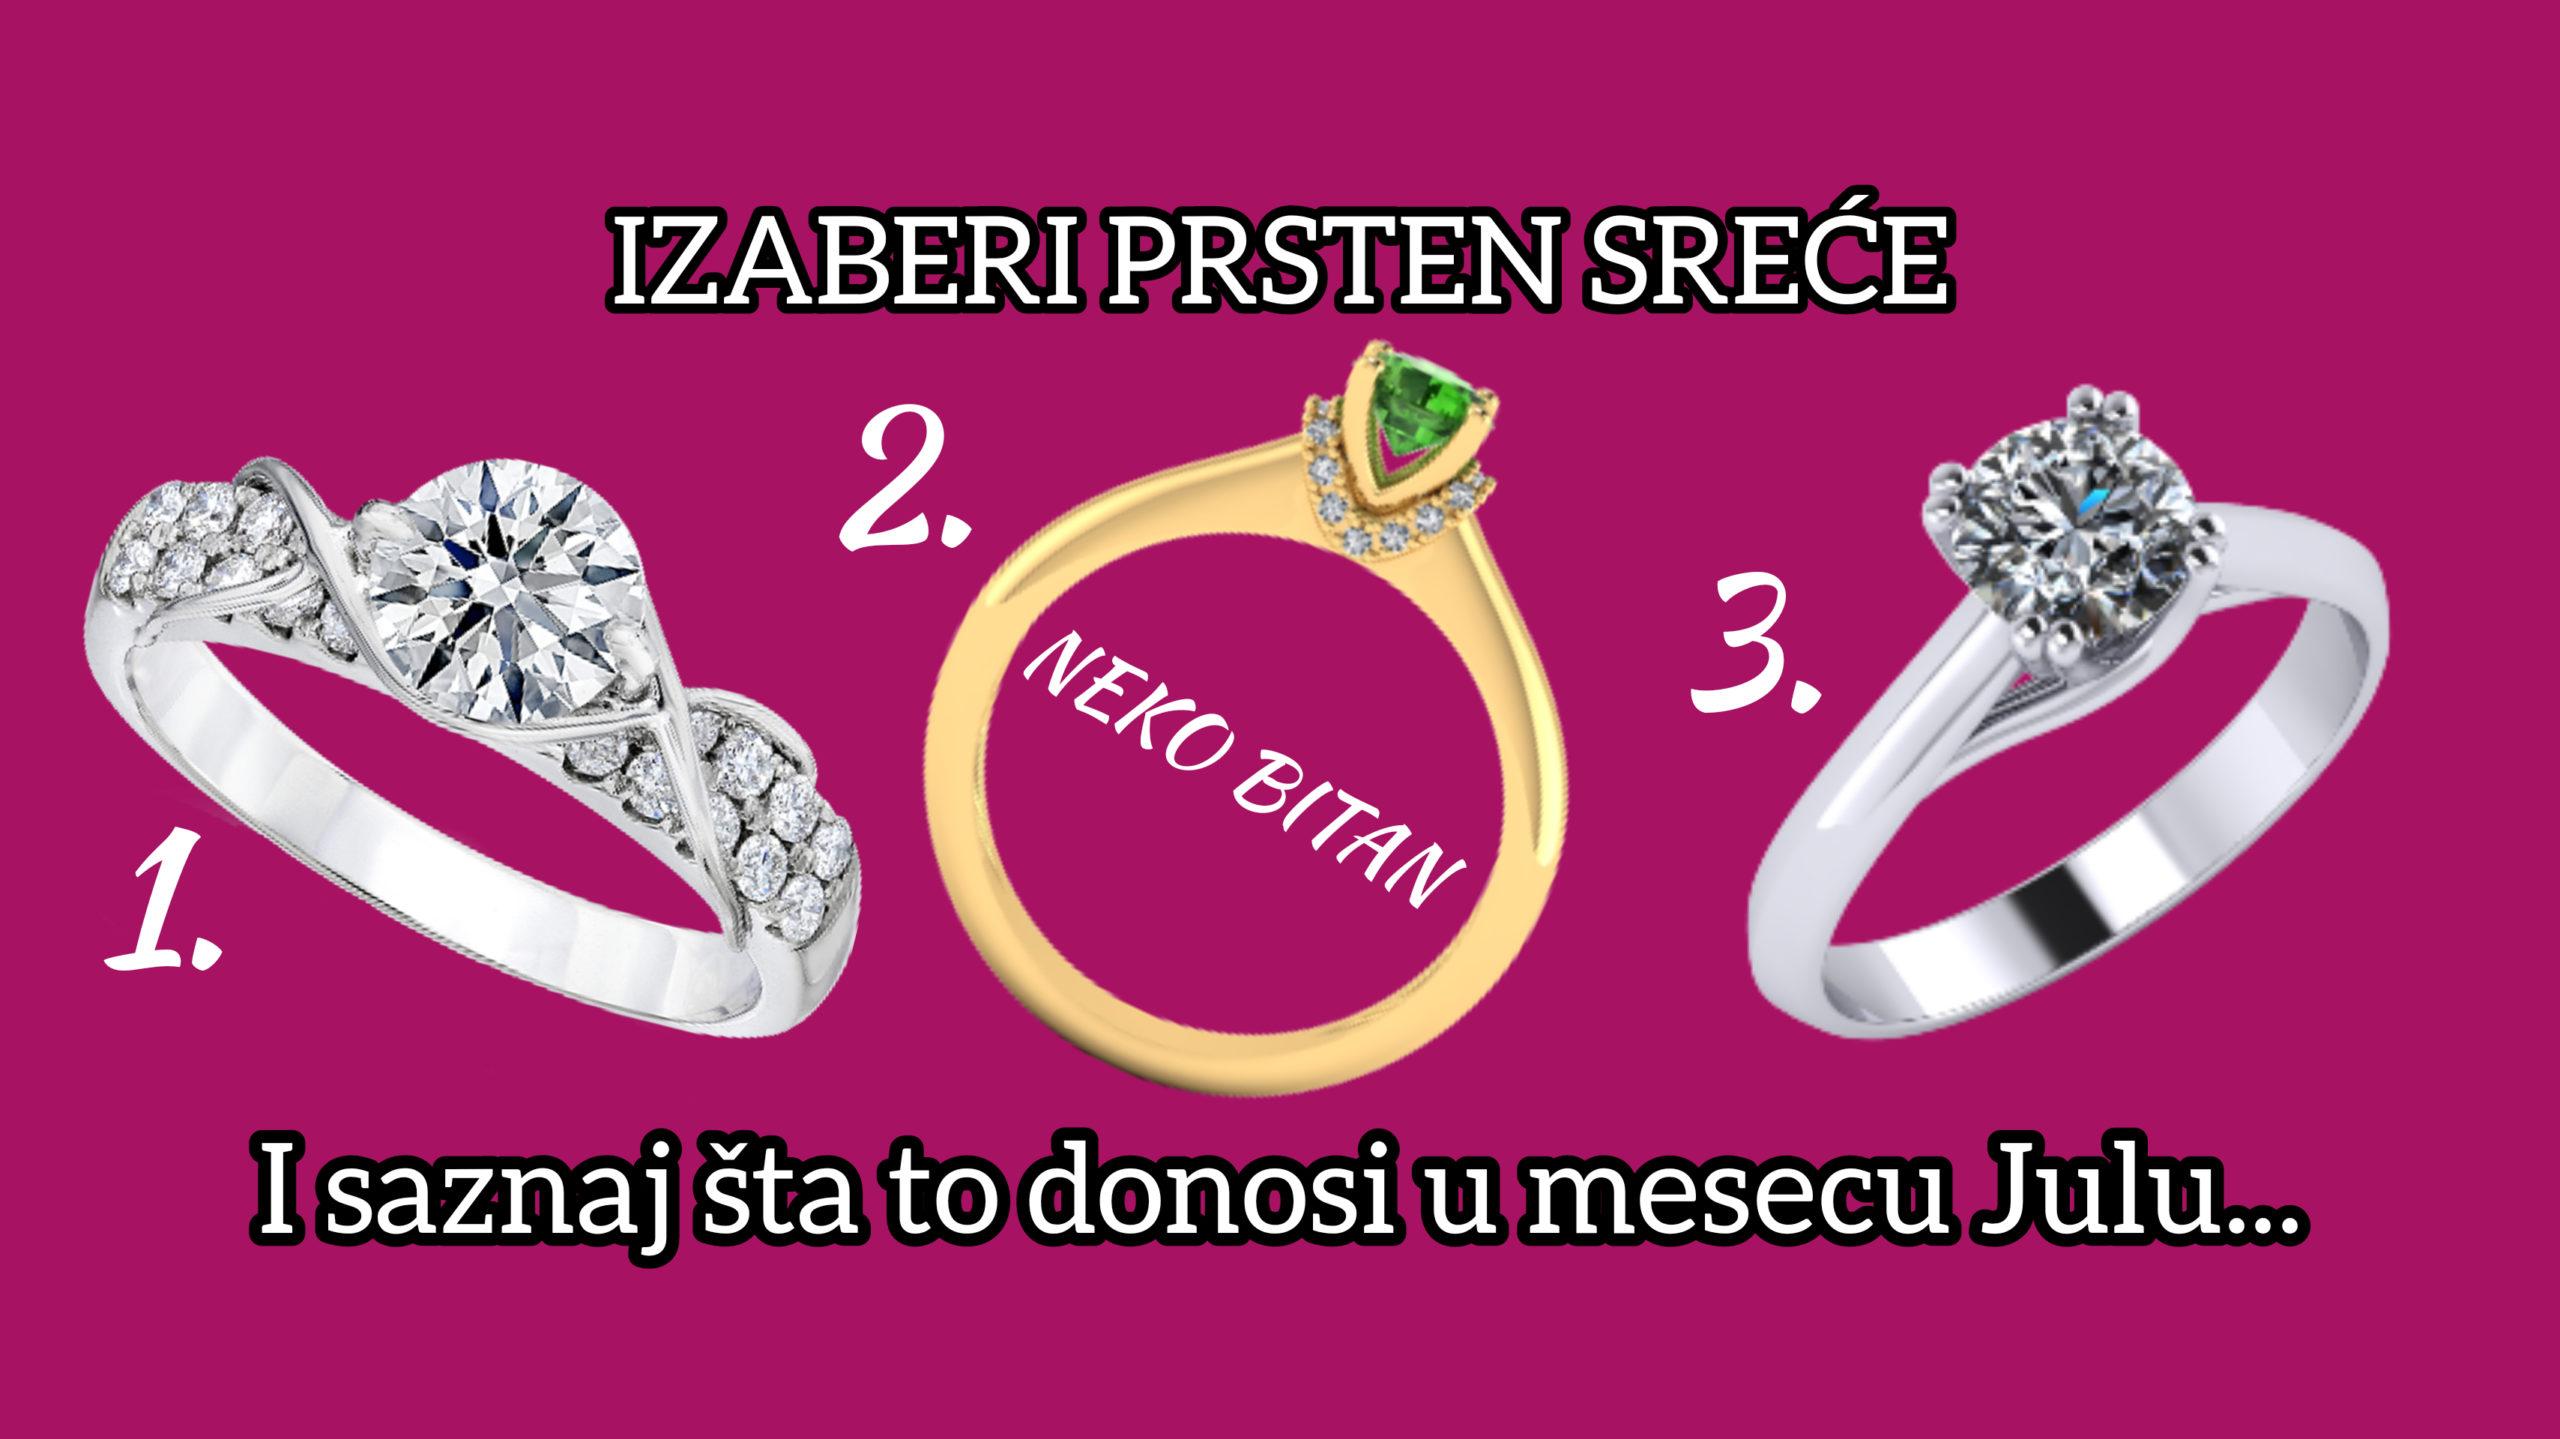 Onaj prsten koji izabereš otkriva šta ti donosi mesec JUL!